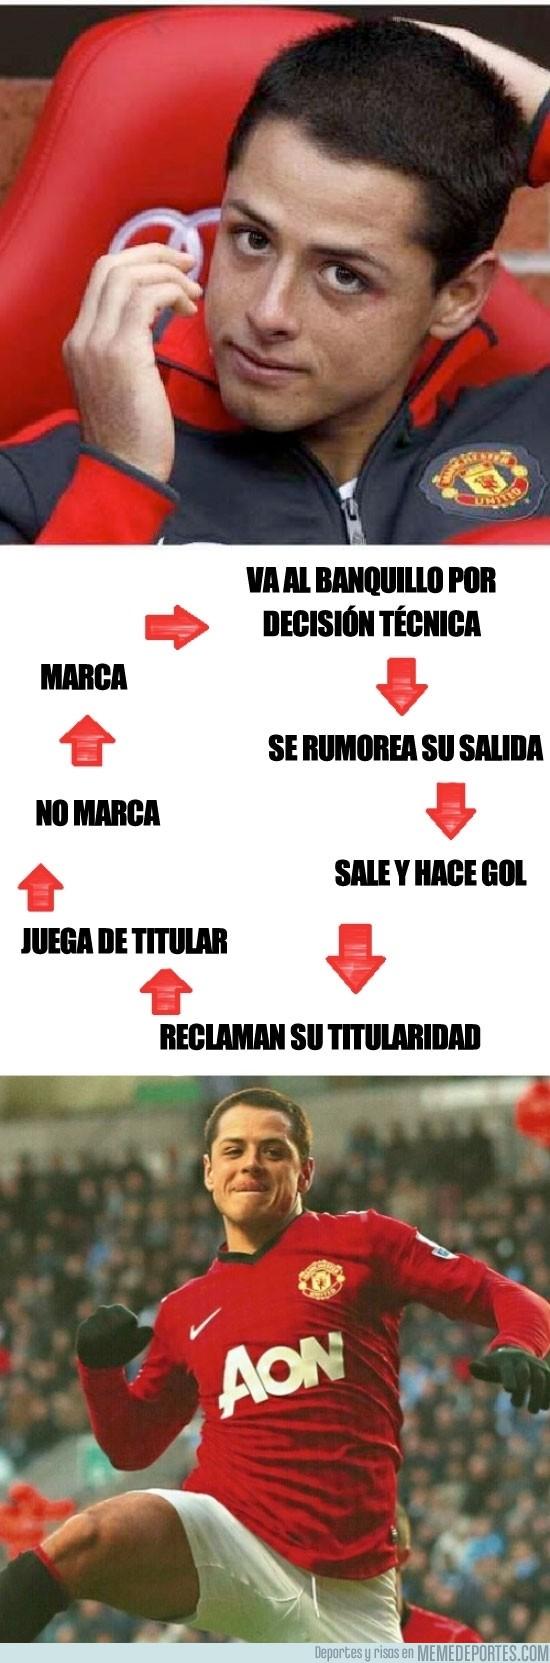 68361 - El ciclo del Chicharito